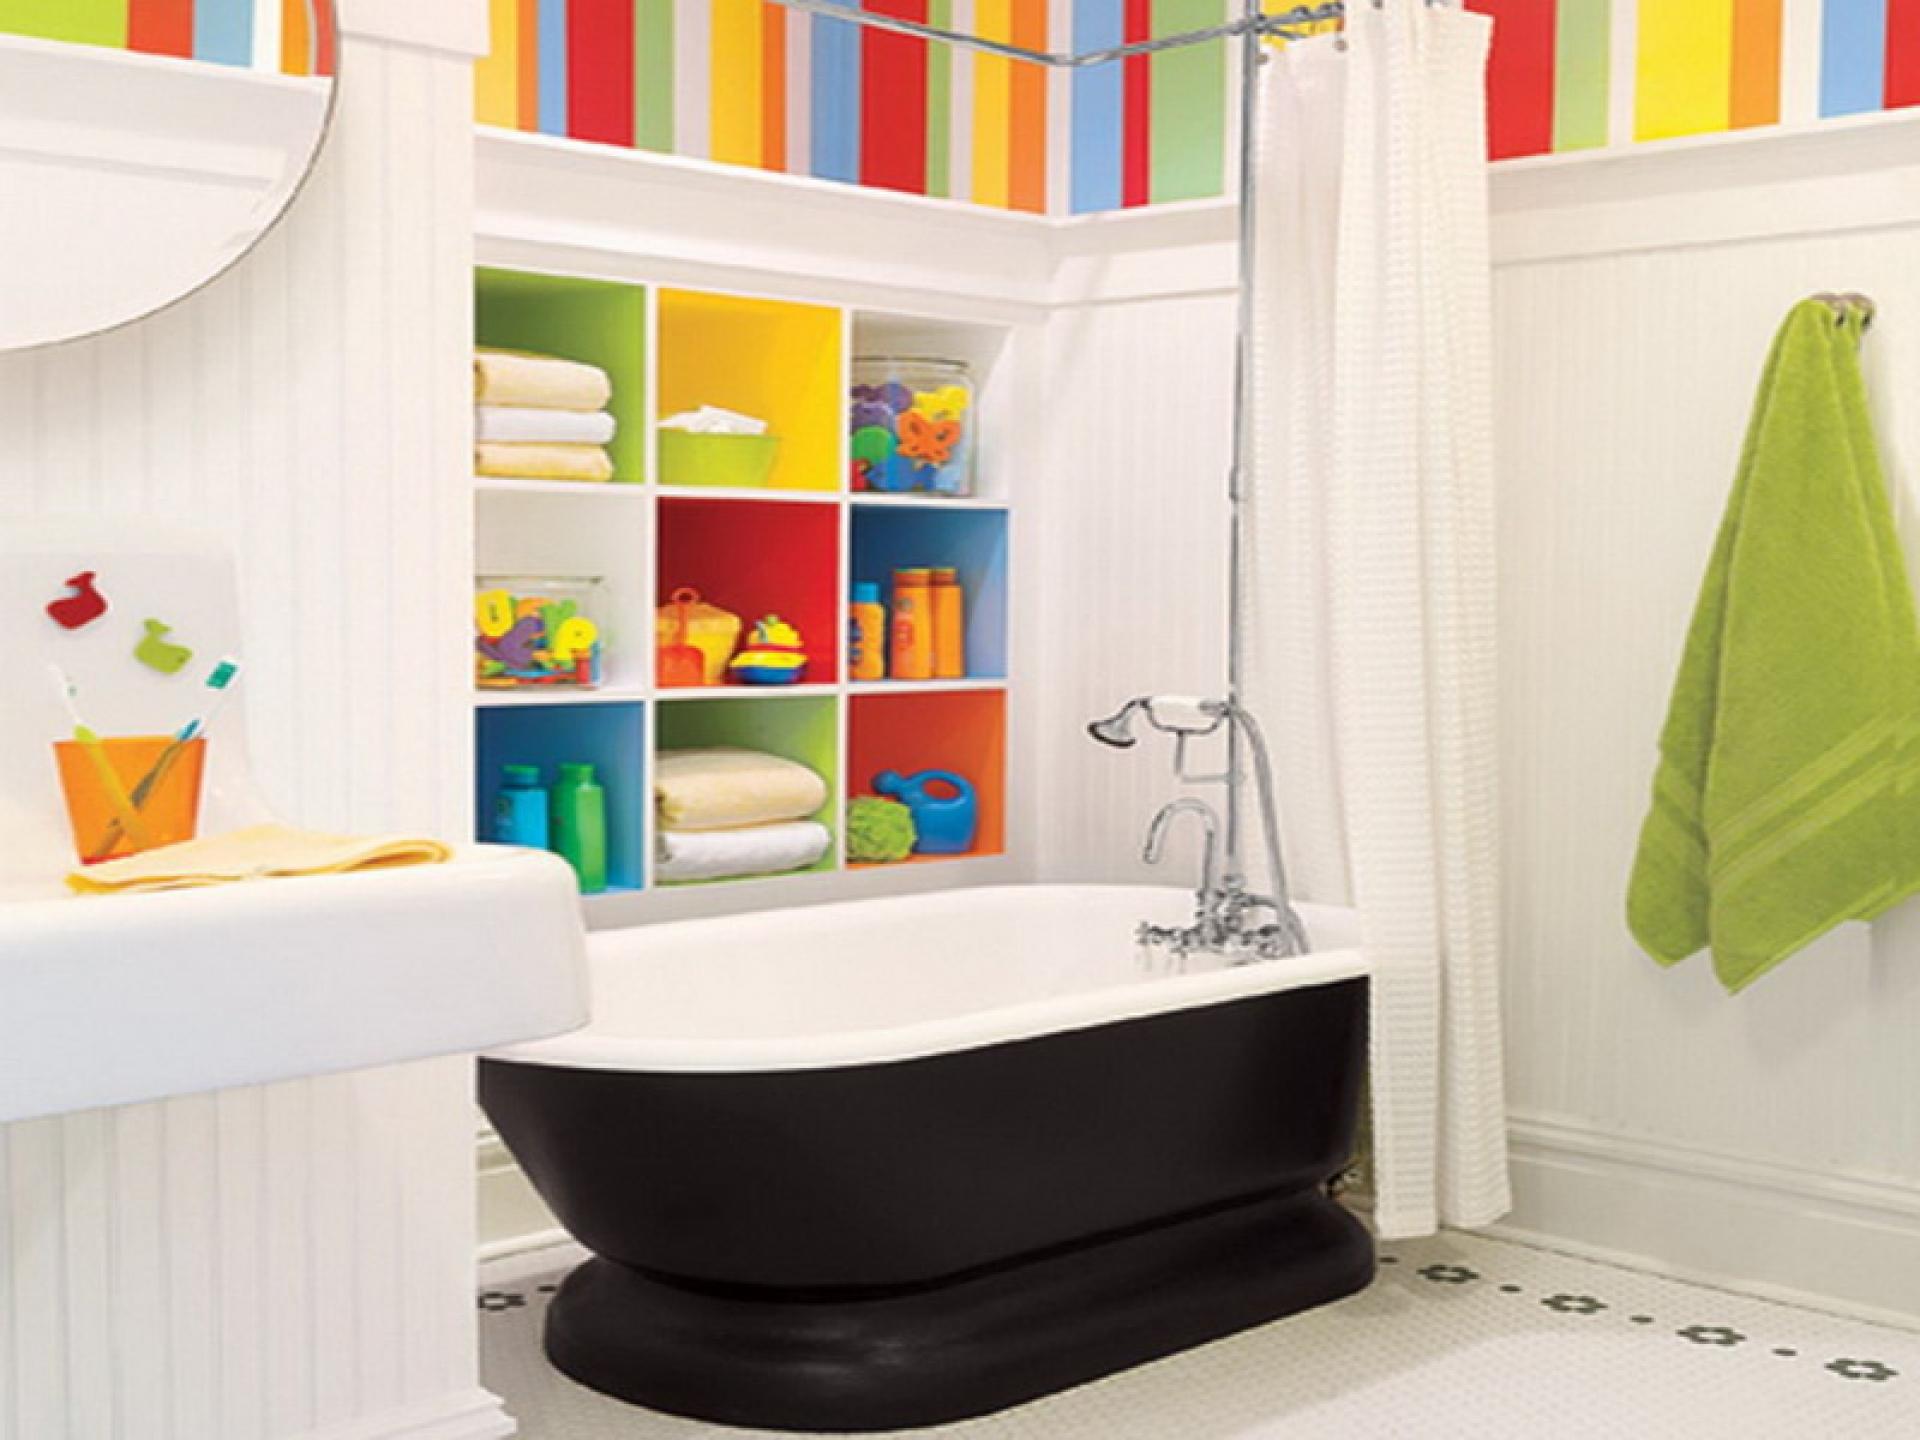 comment d corer une salle de bain pour enfant petite salle de bain. Black Bedroom Furniture Sets. Home Design Ideas